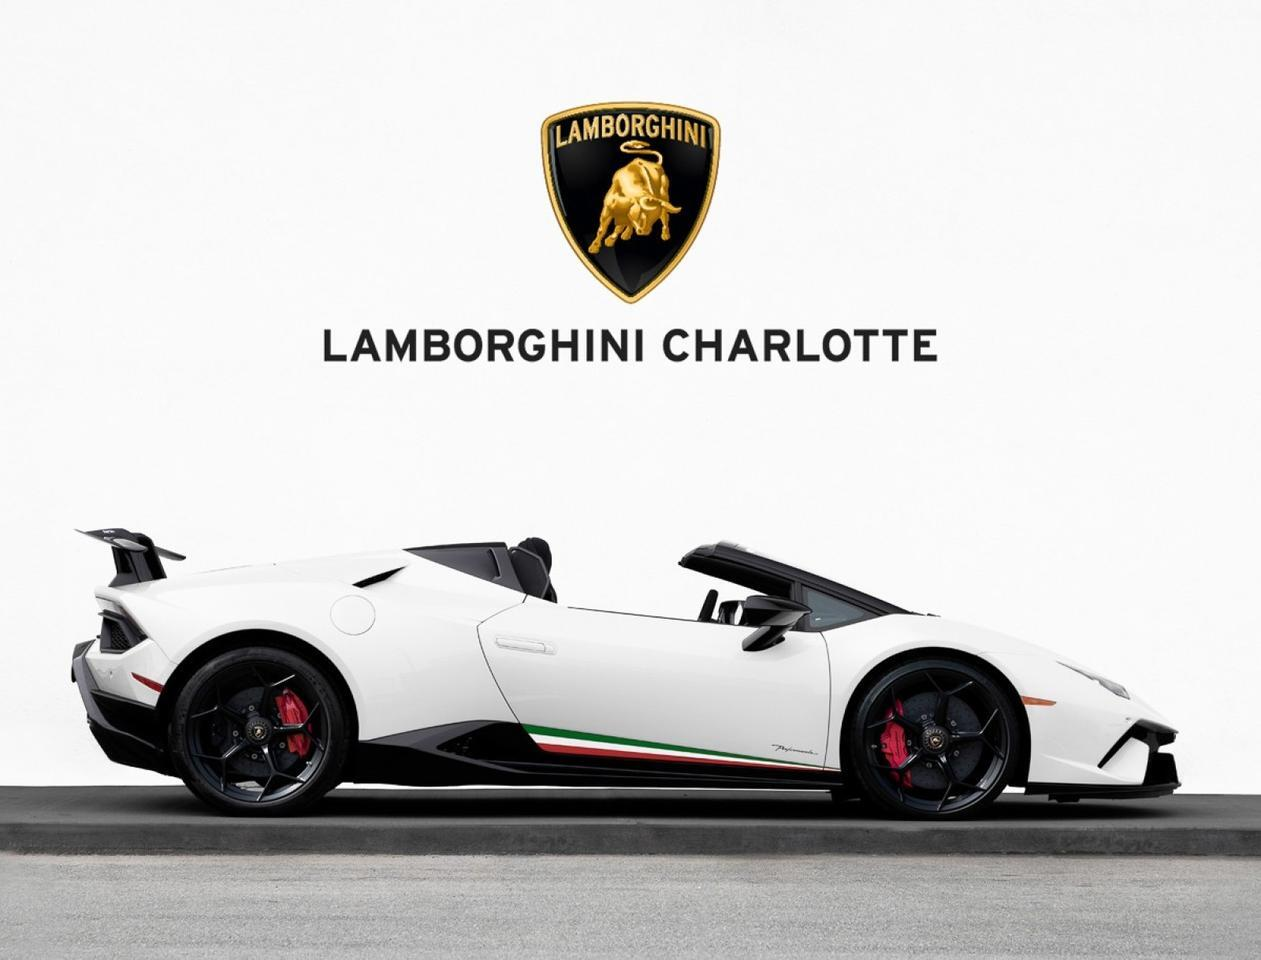 Lamborghini Dealership Charlotte Nc Used Cars Lamborghini Charlotte